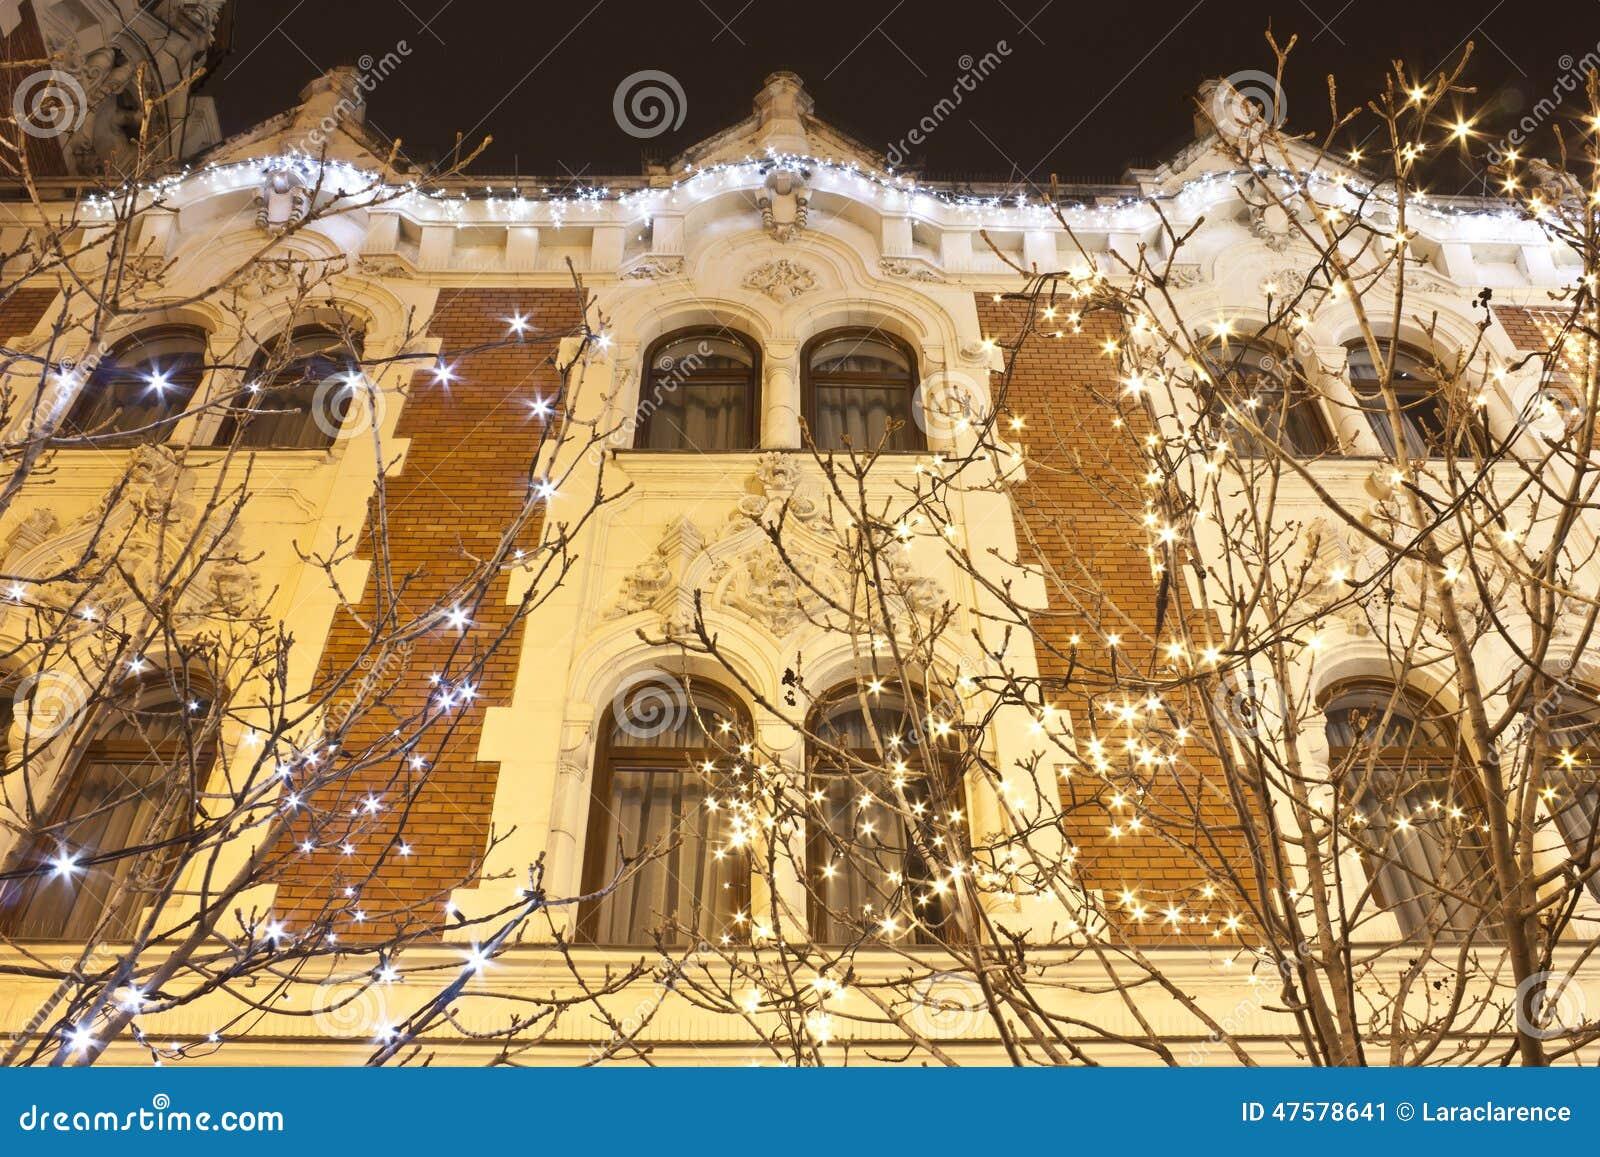 Art nouveau eclectic style building with christmas for Art nouveau decoration ameublement